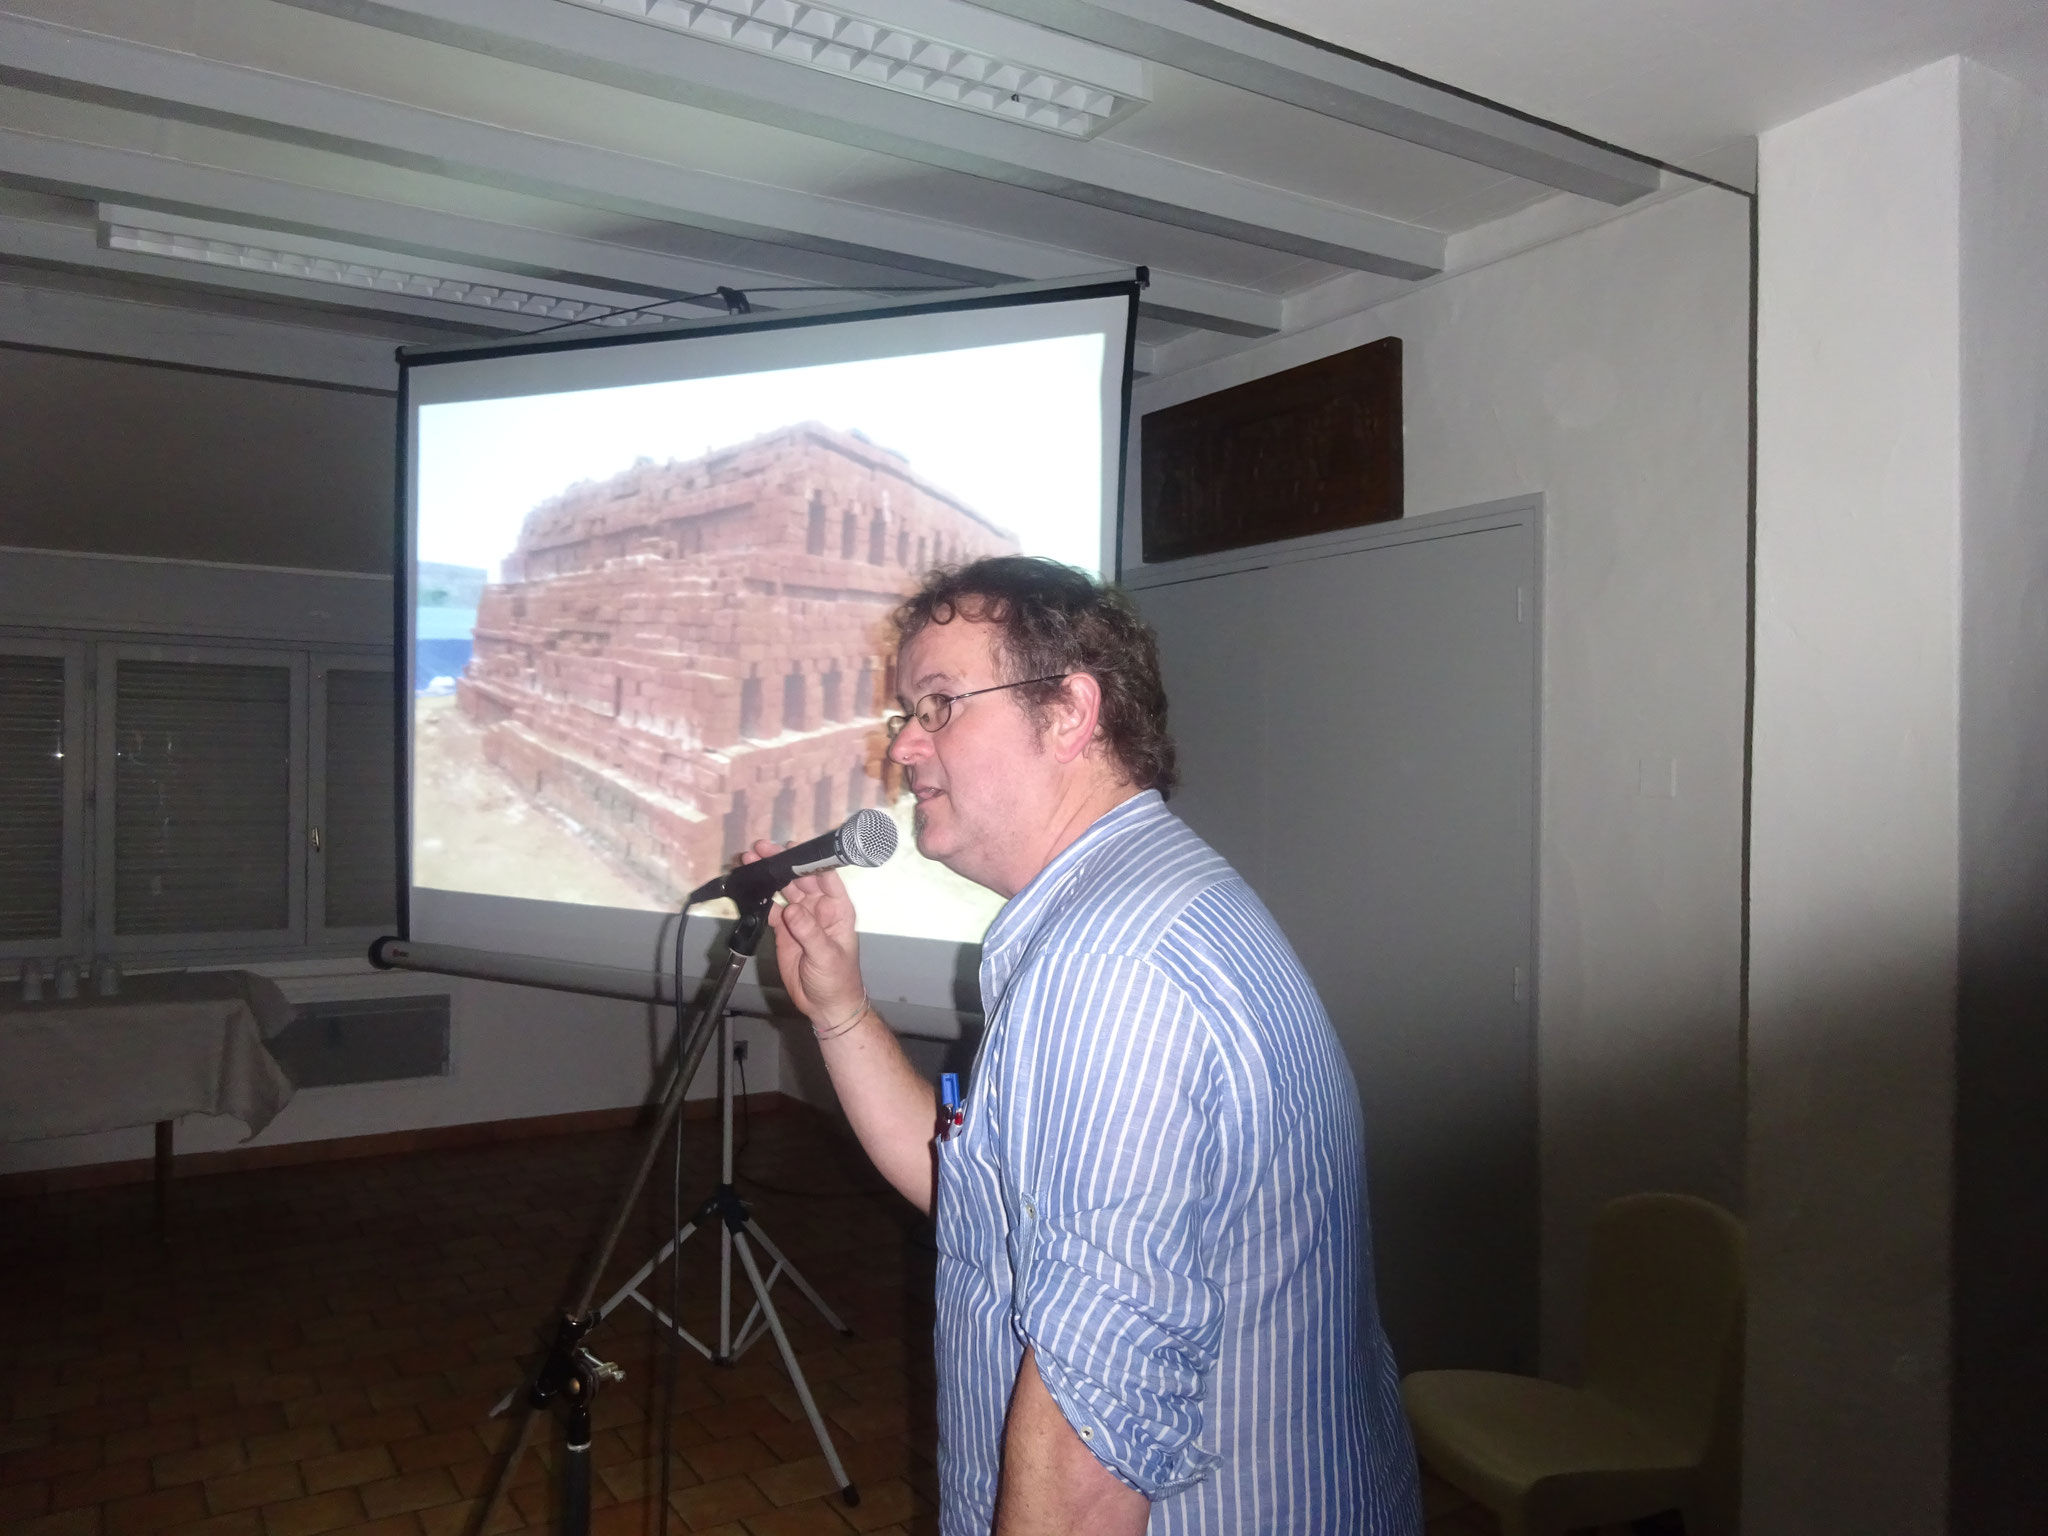 Pello Belaskoian nous emmène chez POPE, en Inde du Sud et du Nord